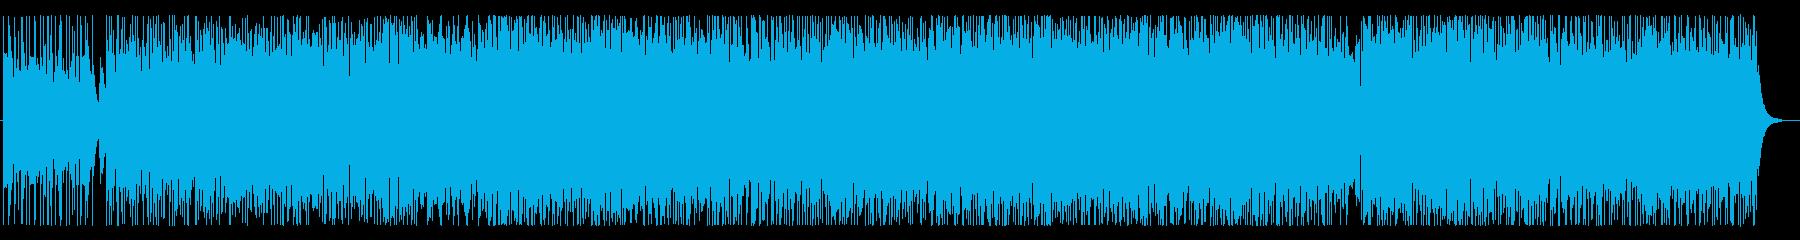 可愛い雰囲気のテクノポップの再生済みの波形